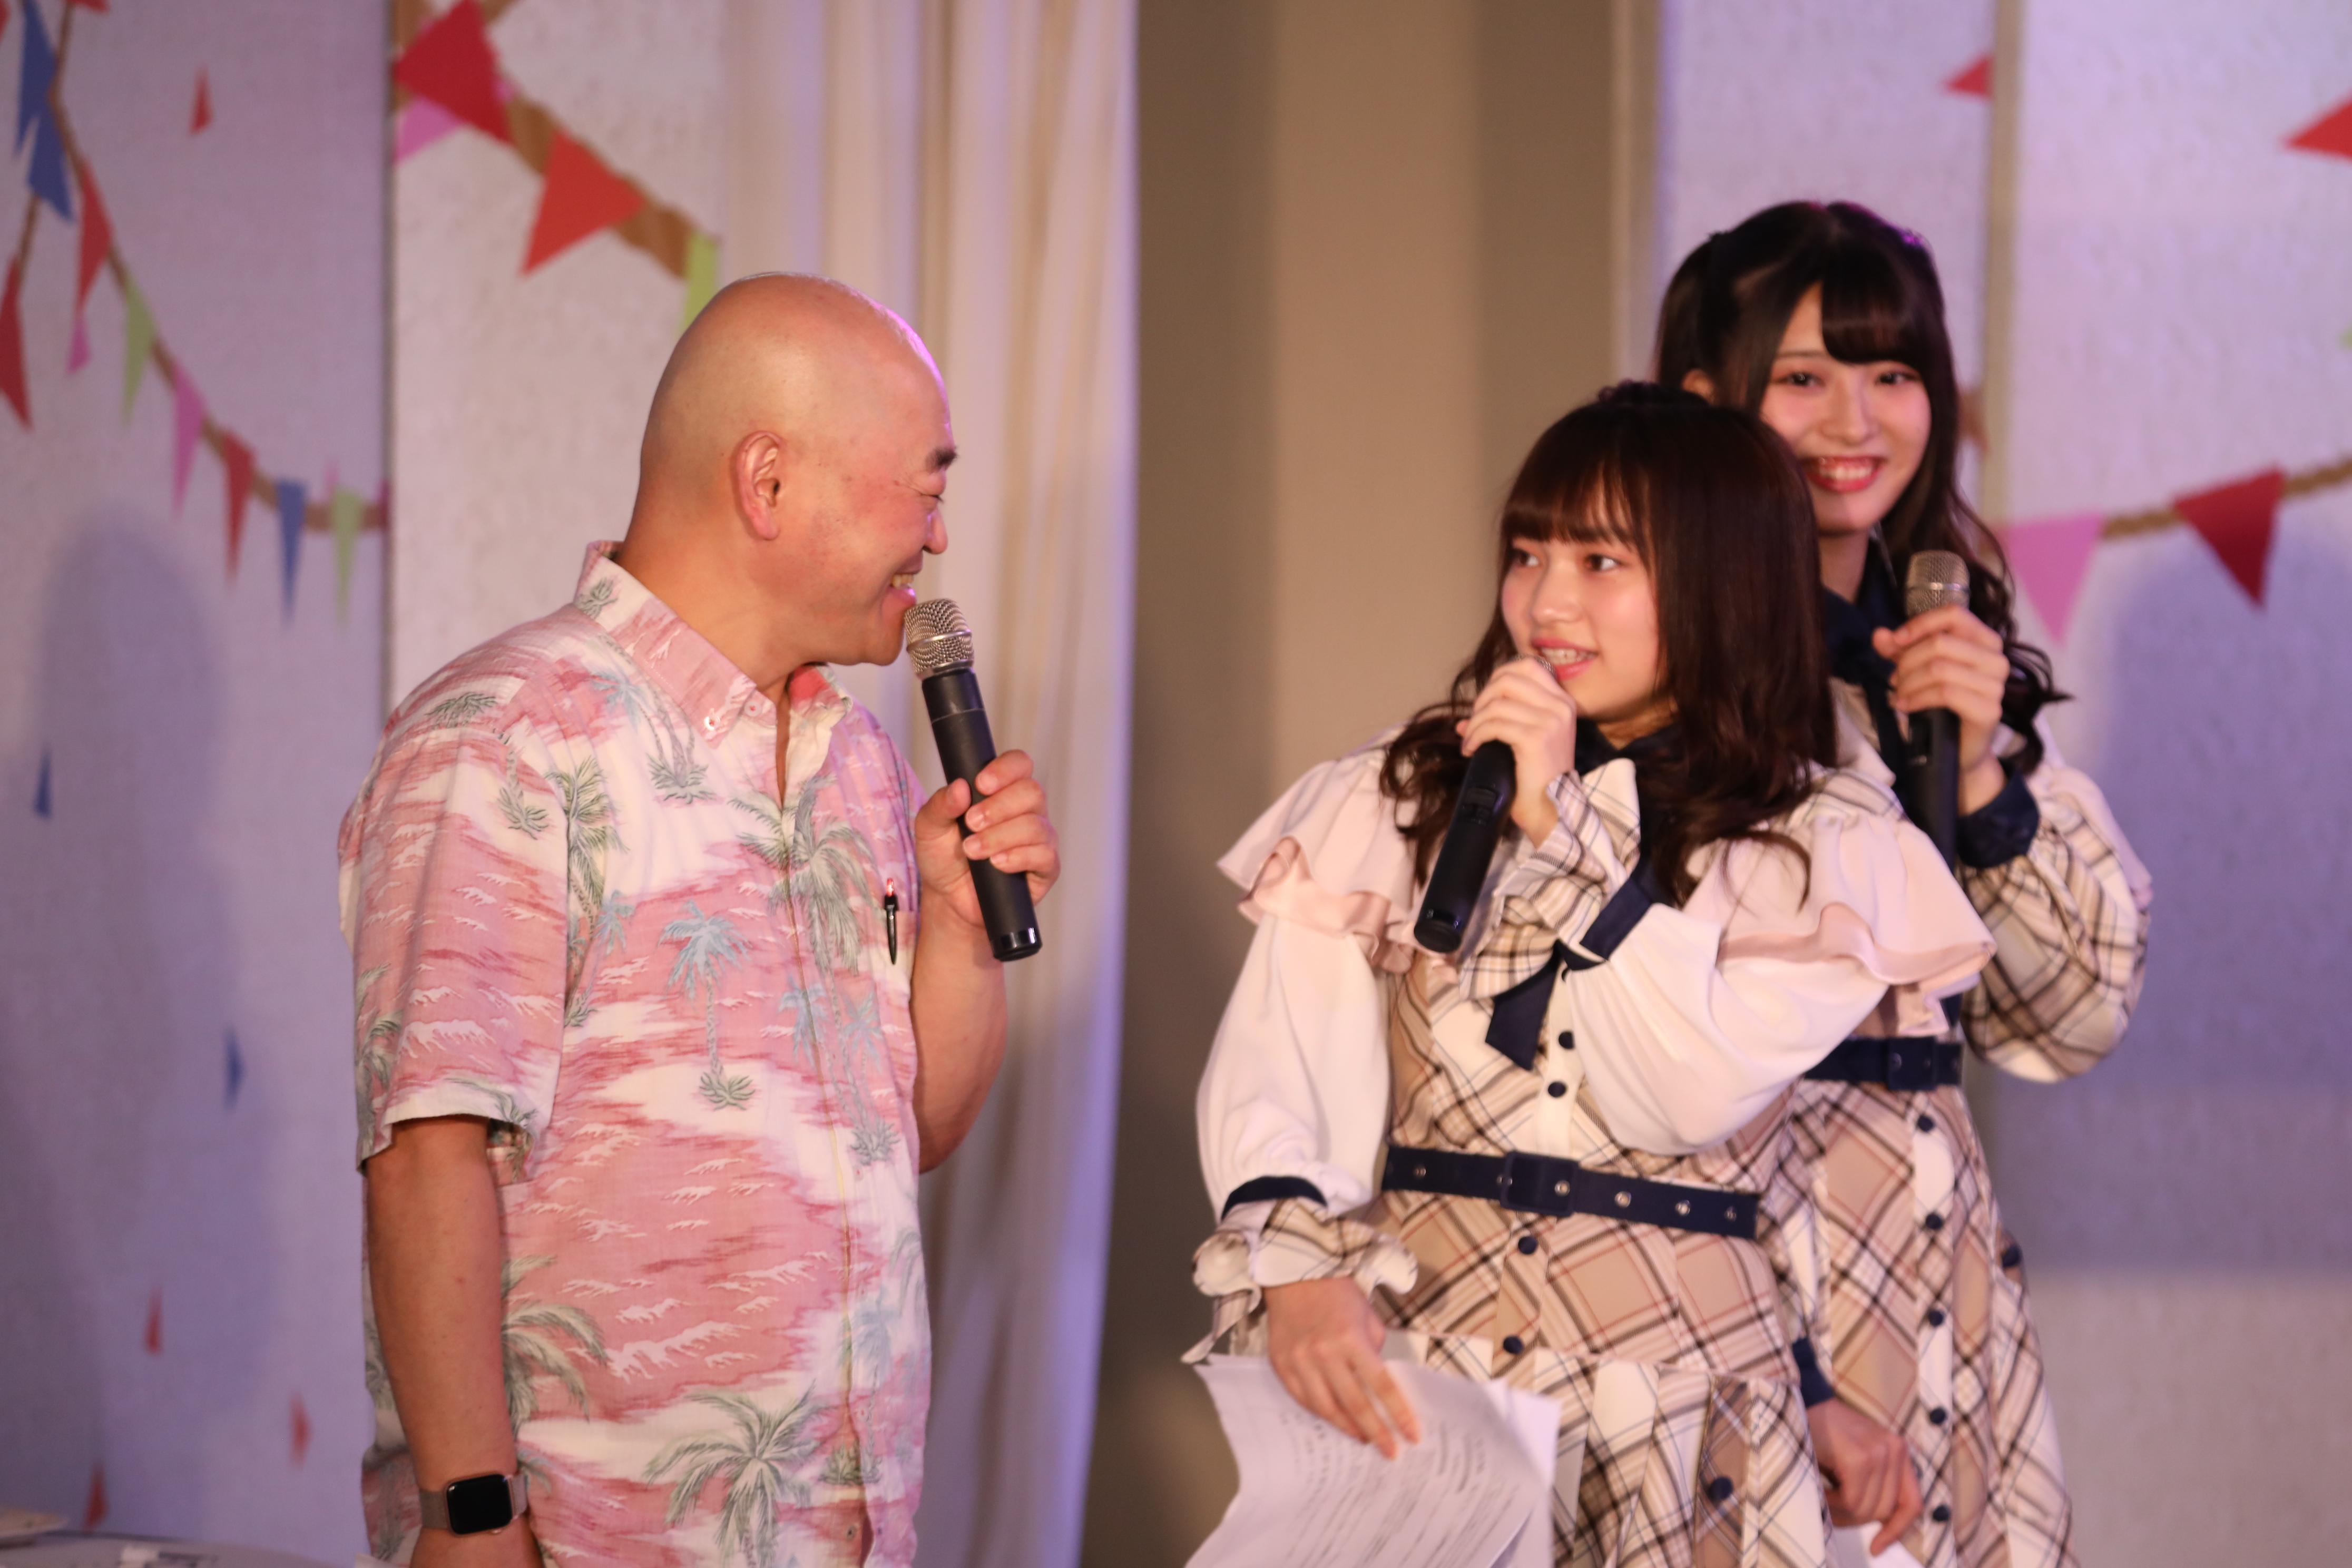 高橋名人、奥原妃奈子「私もびっくりしましたよ!」